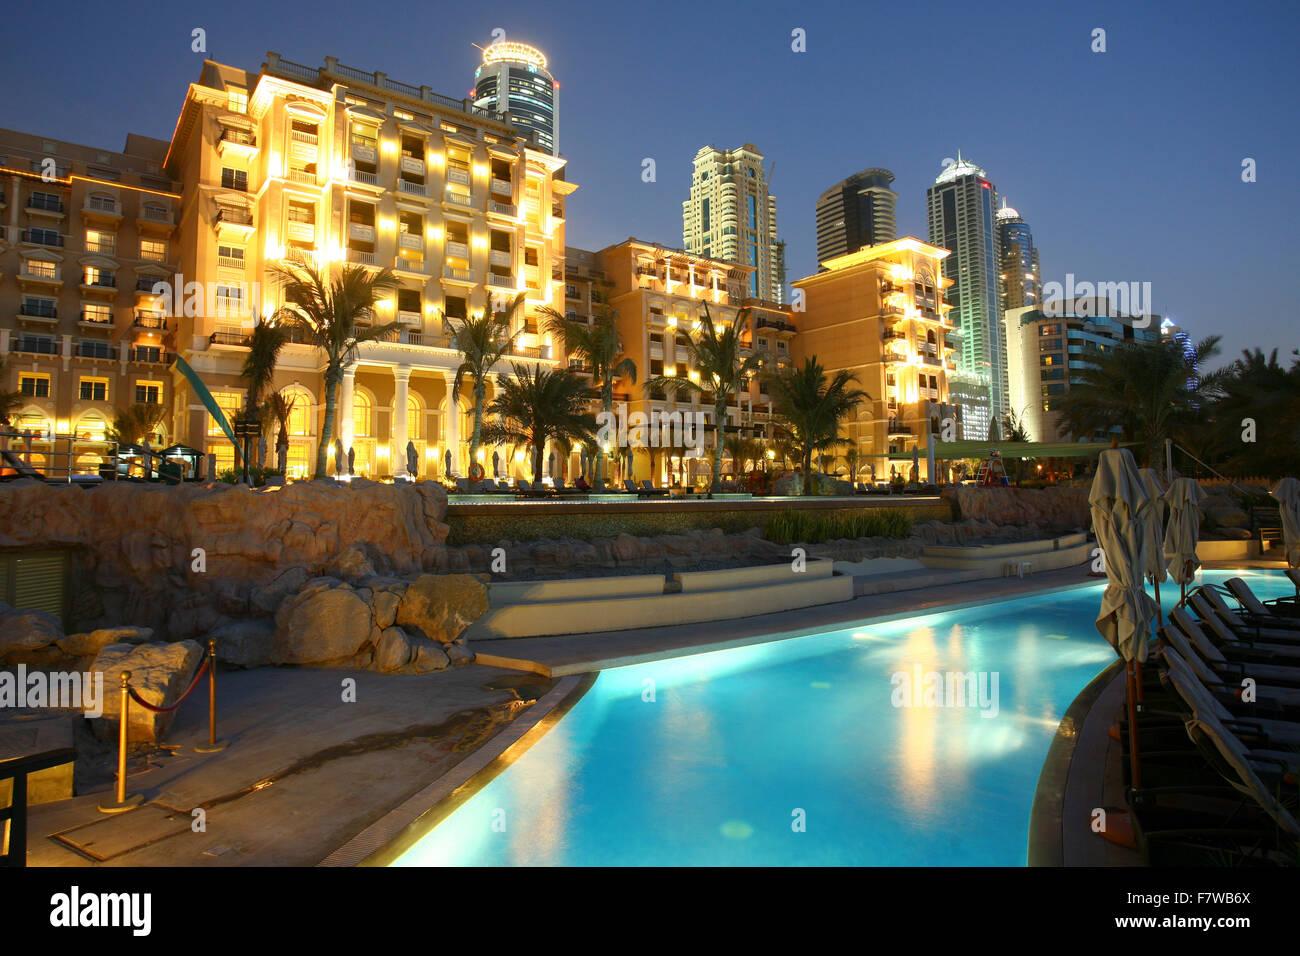 Дубай отель вестин недвижимость на юге франции недорого